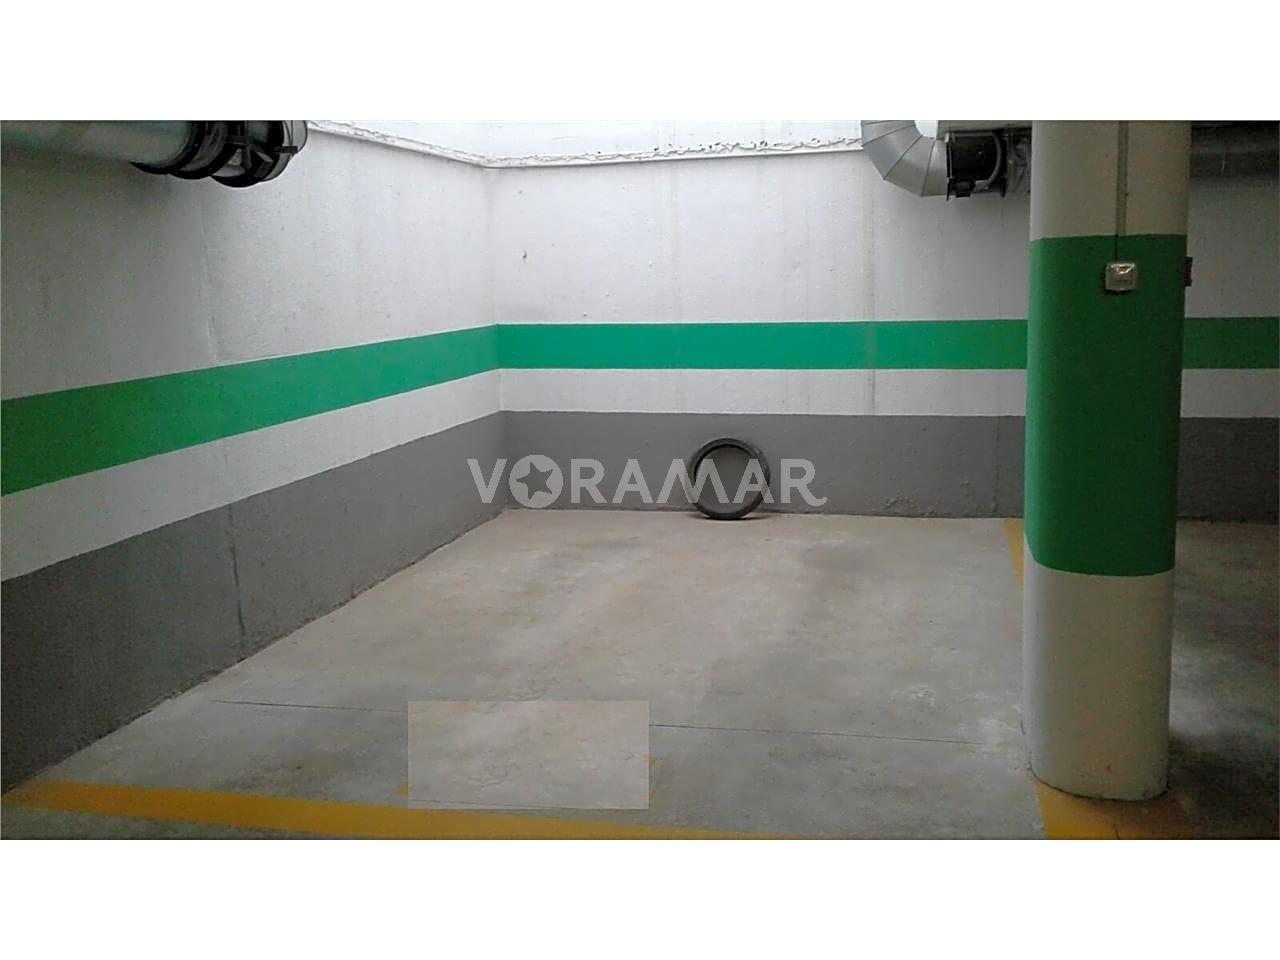 Parking voiture  Paseo sierra de espadán. Superficie total 5, garaje superficie útil 4.5, estado conservac